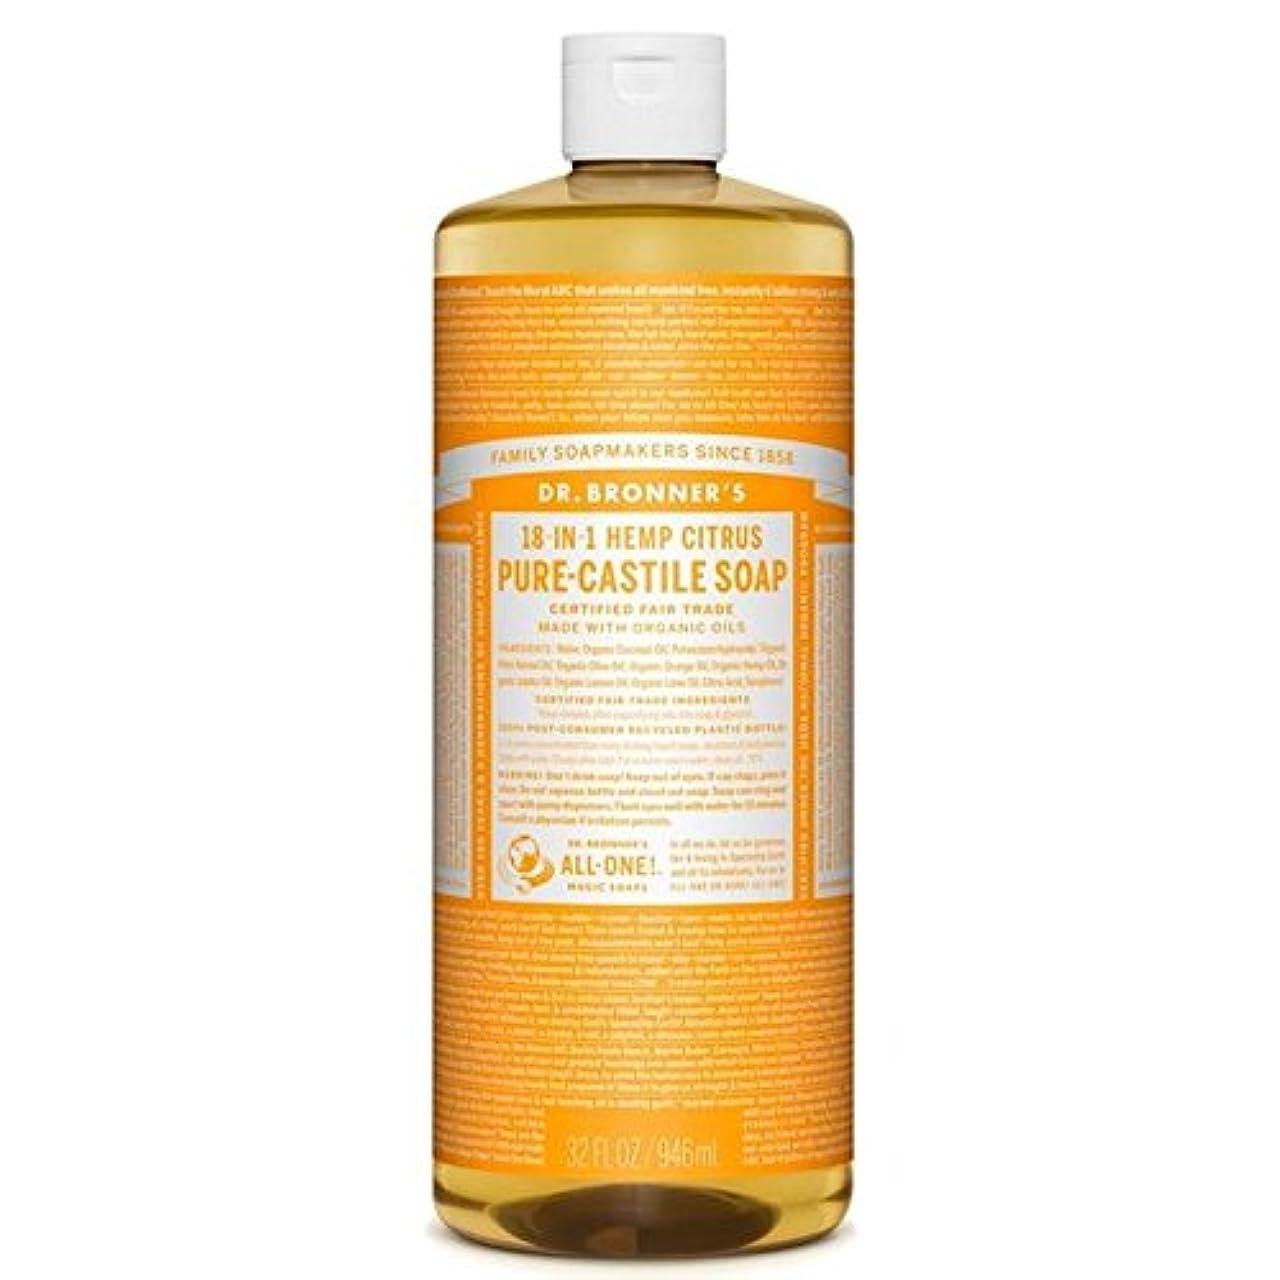 ジーンズ豆腐放棄されたのブロナーオーガニックシトラスカスティーリャ液体石鹸946ミリリットル x2 - Dr Bronner Organic Citrus Castile Liquid Soap 946ml (Pack of 2) [並行輸入品]